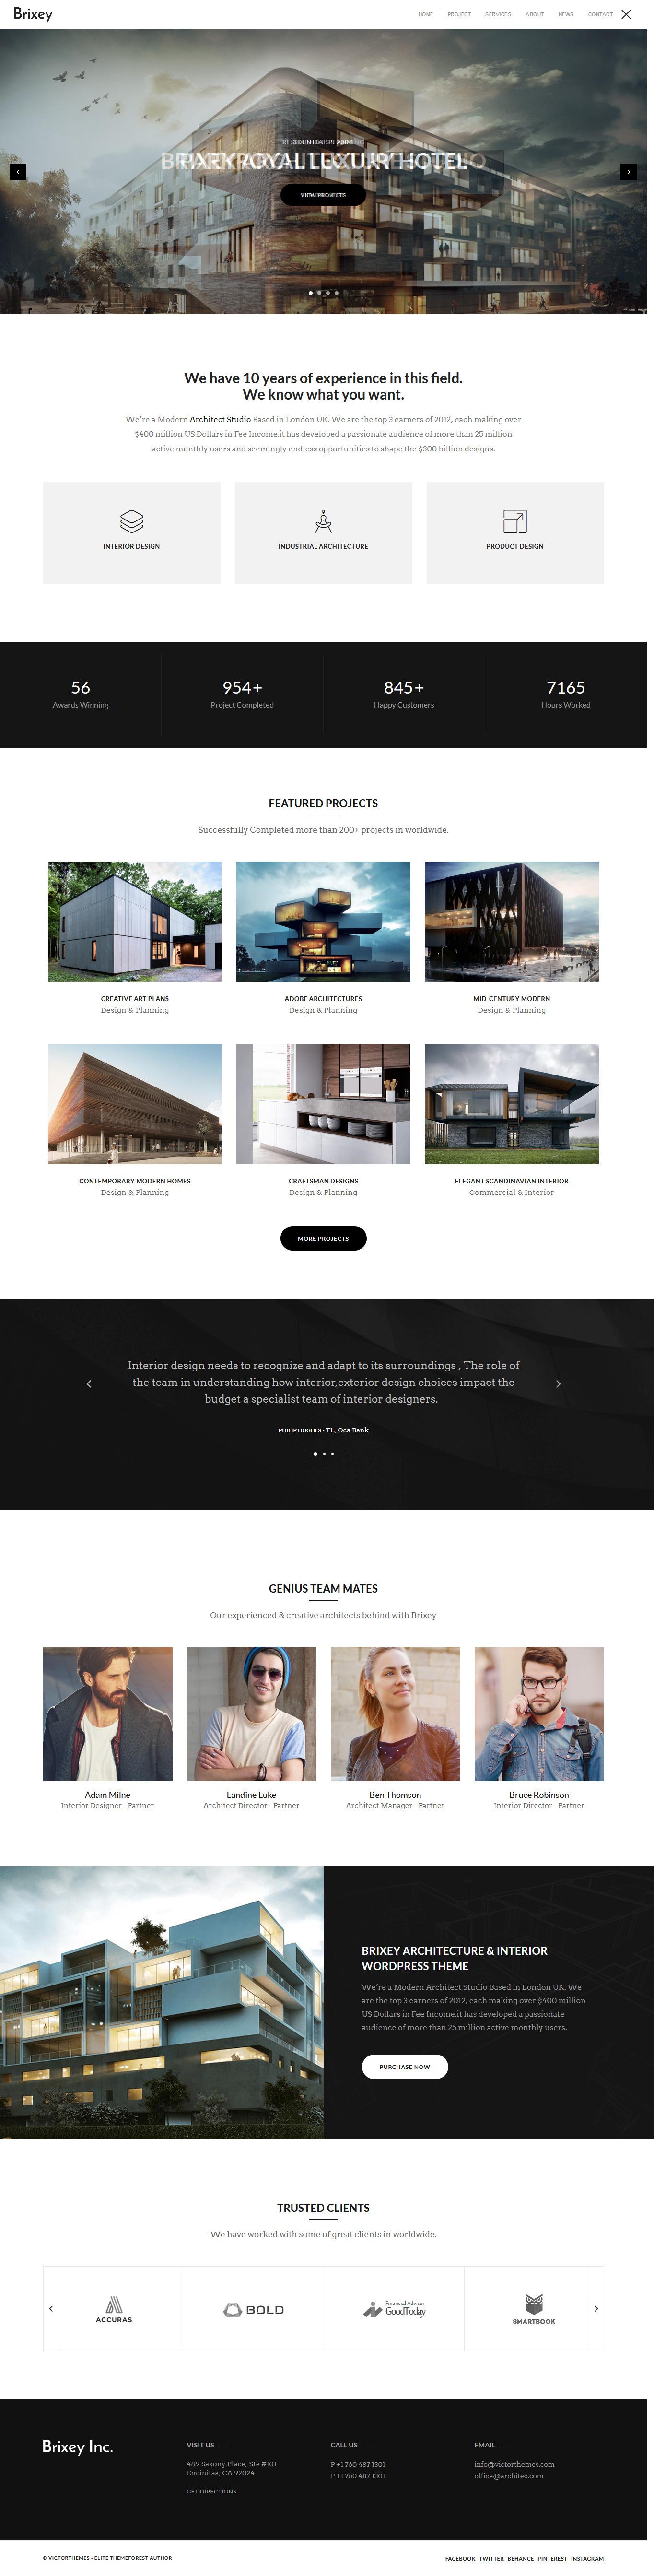 brixey best premium architecture wordpress theme - 10+ Best Premium Architecture WordPress Themes